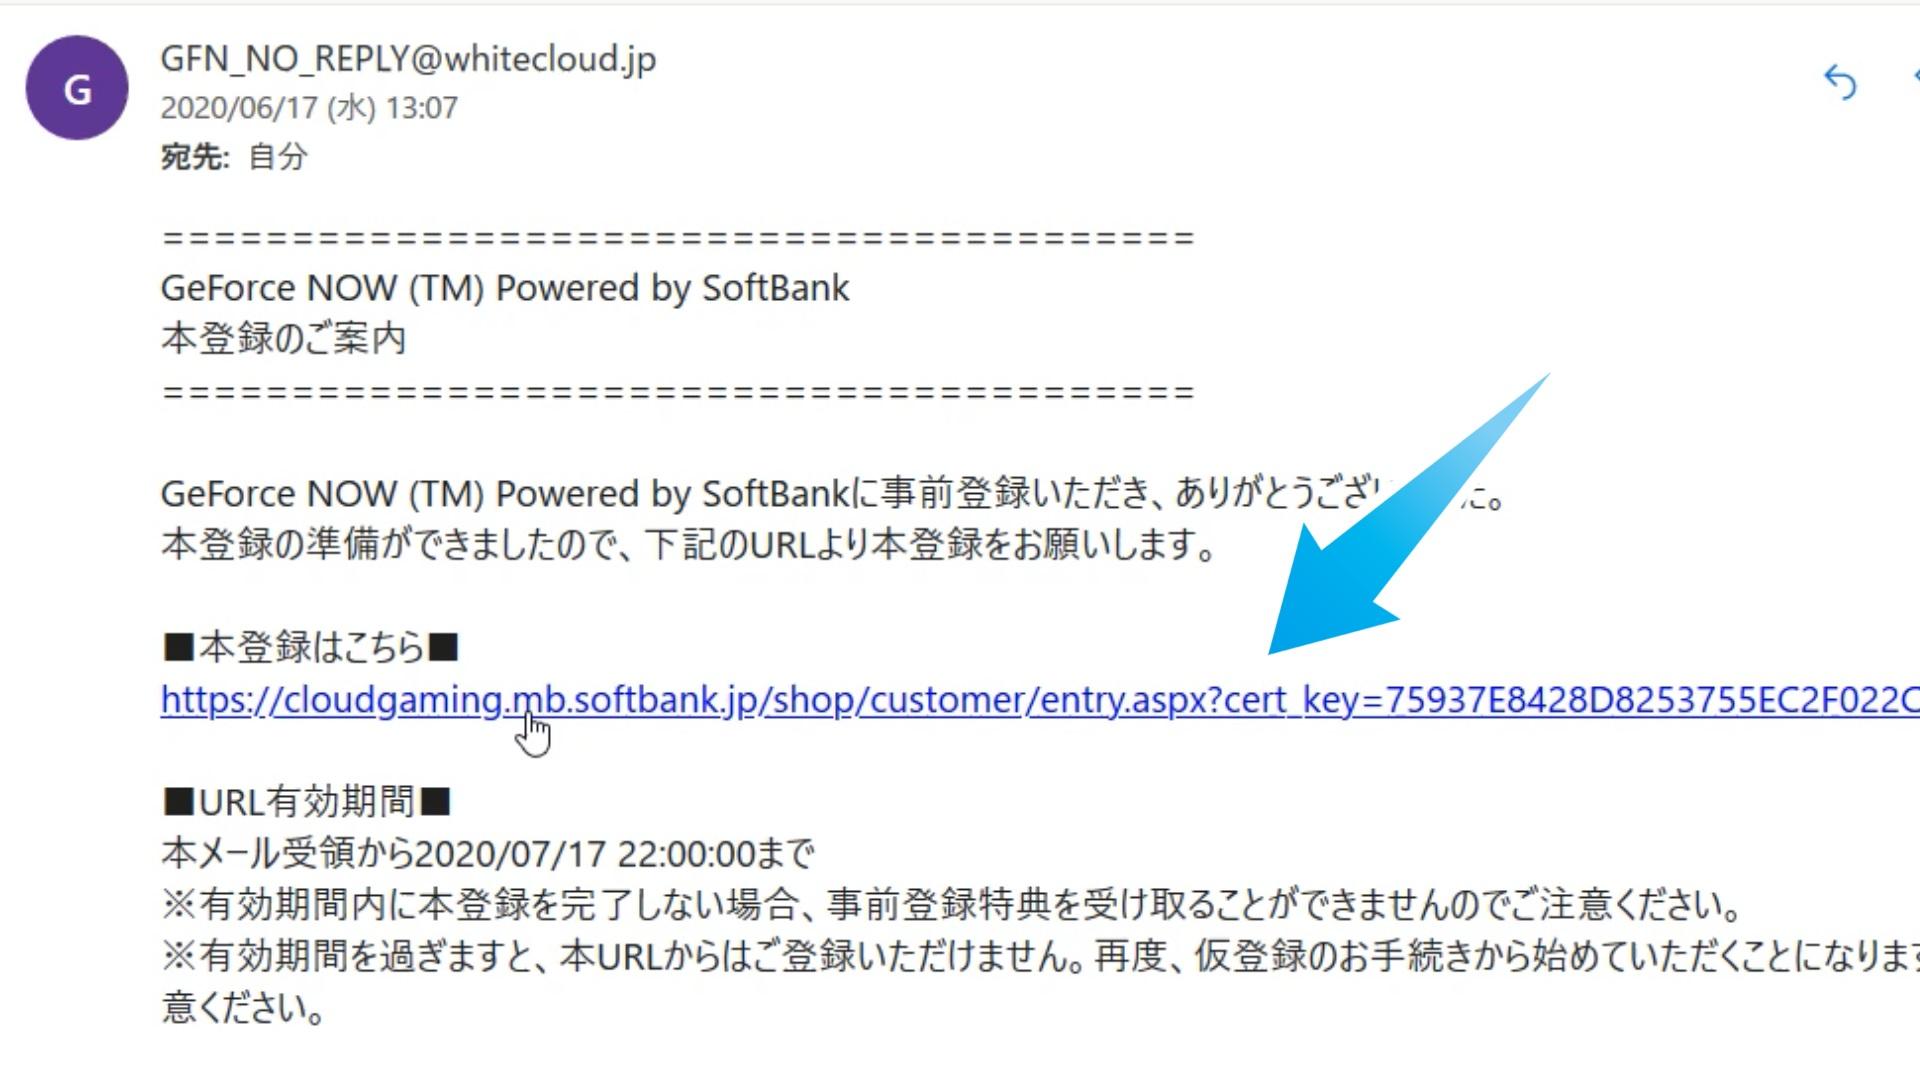 本登録案内メールにある「本登録はこちら」をクリック。